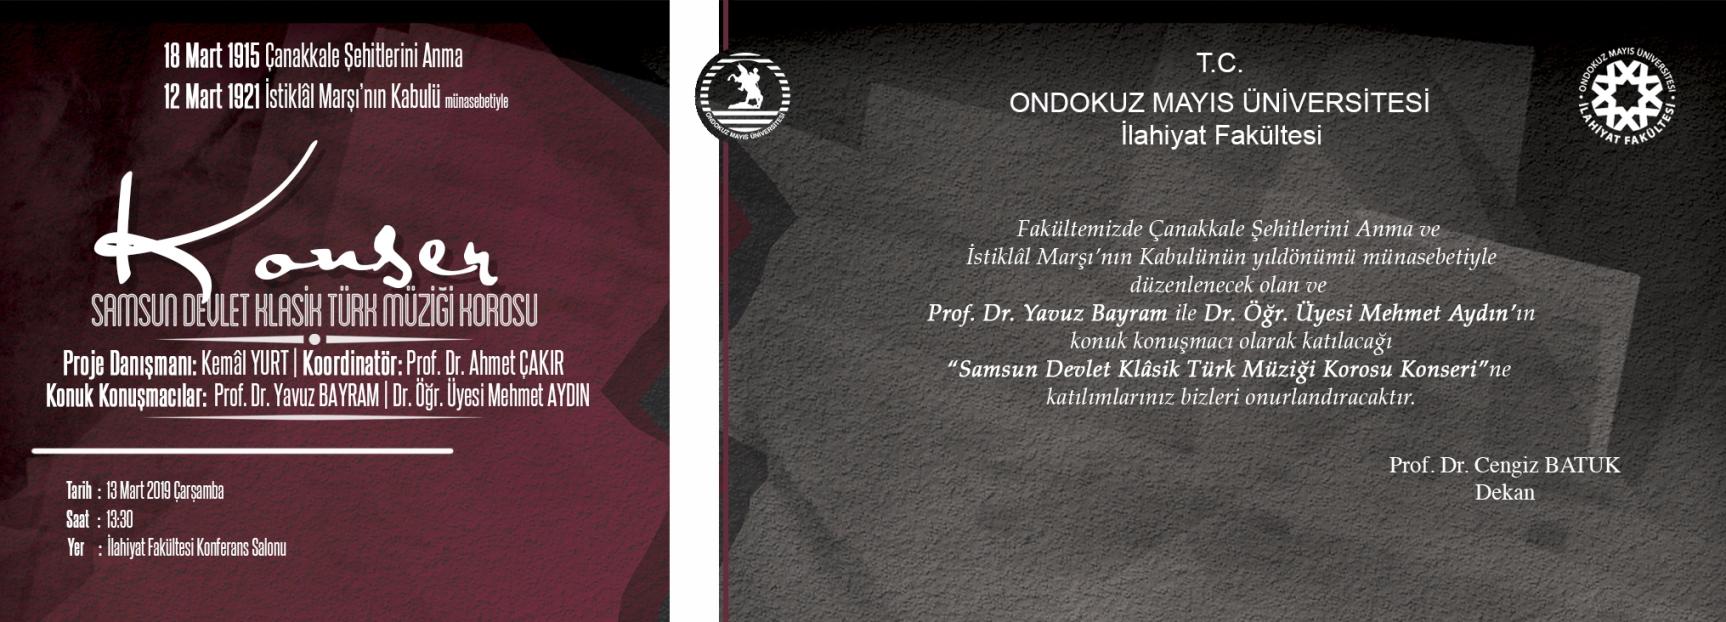 http://www.omu.edu.tr/sites/default/files/canakkale_konser_davetiye.jpg